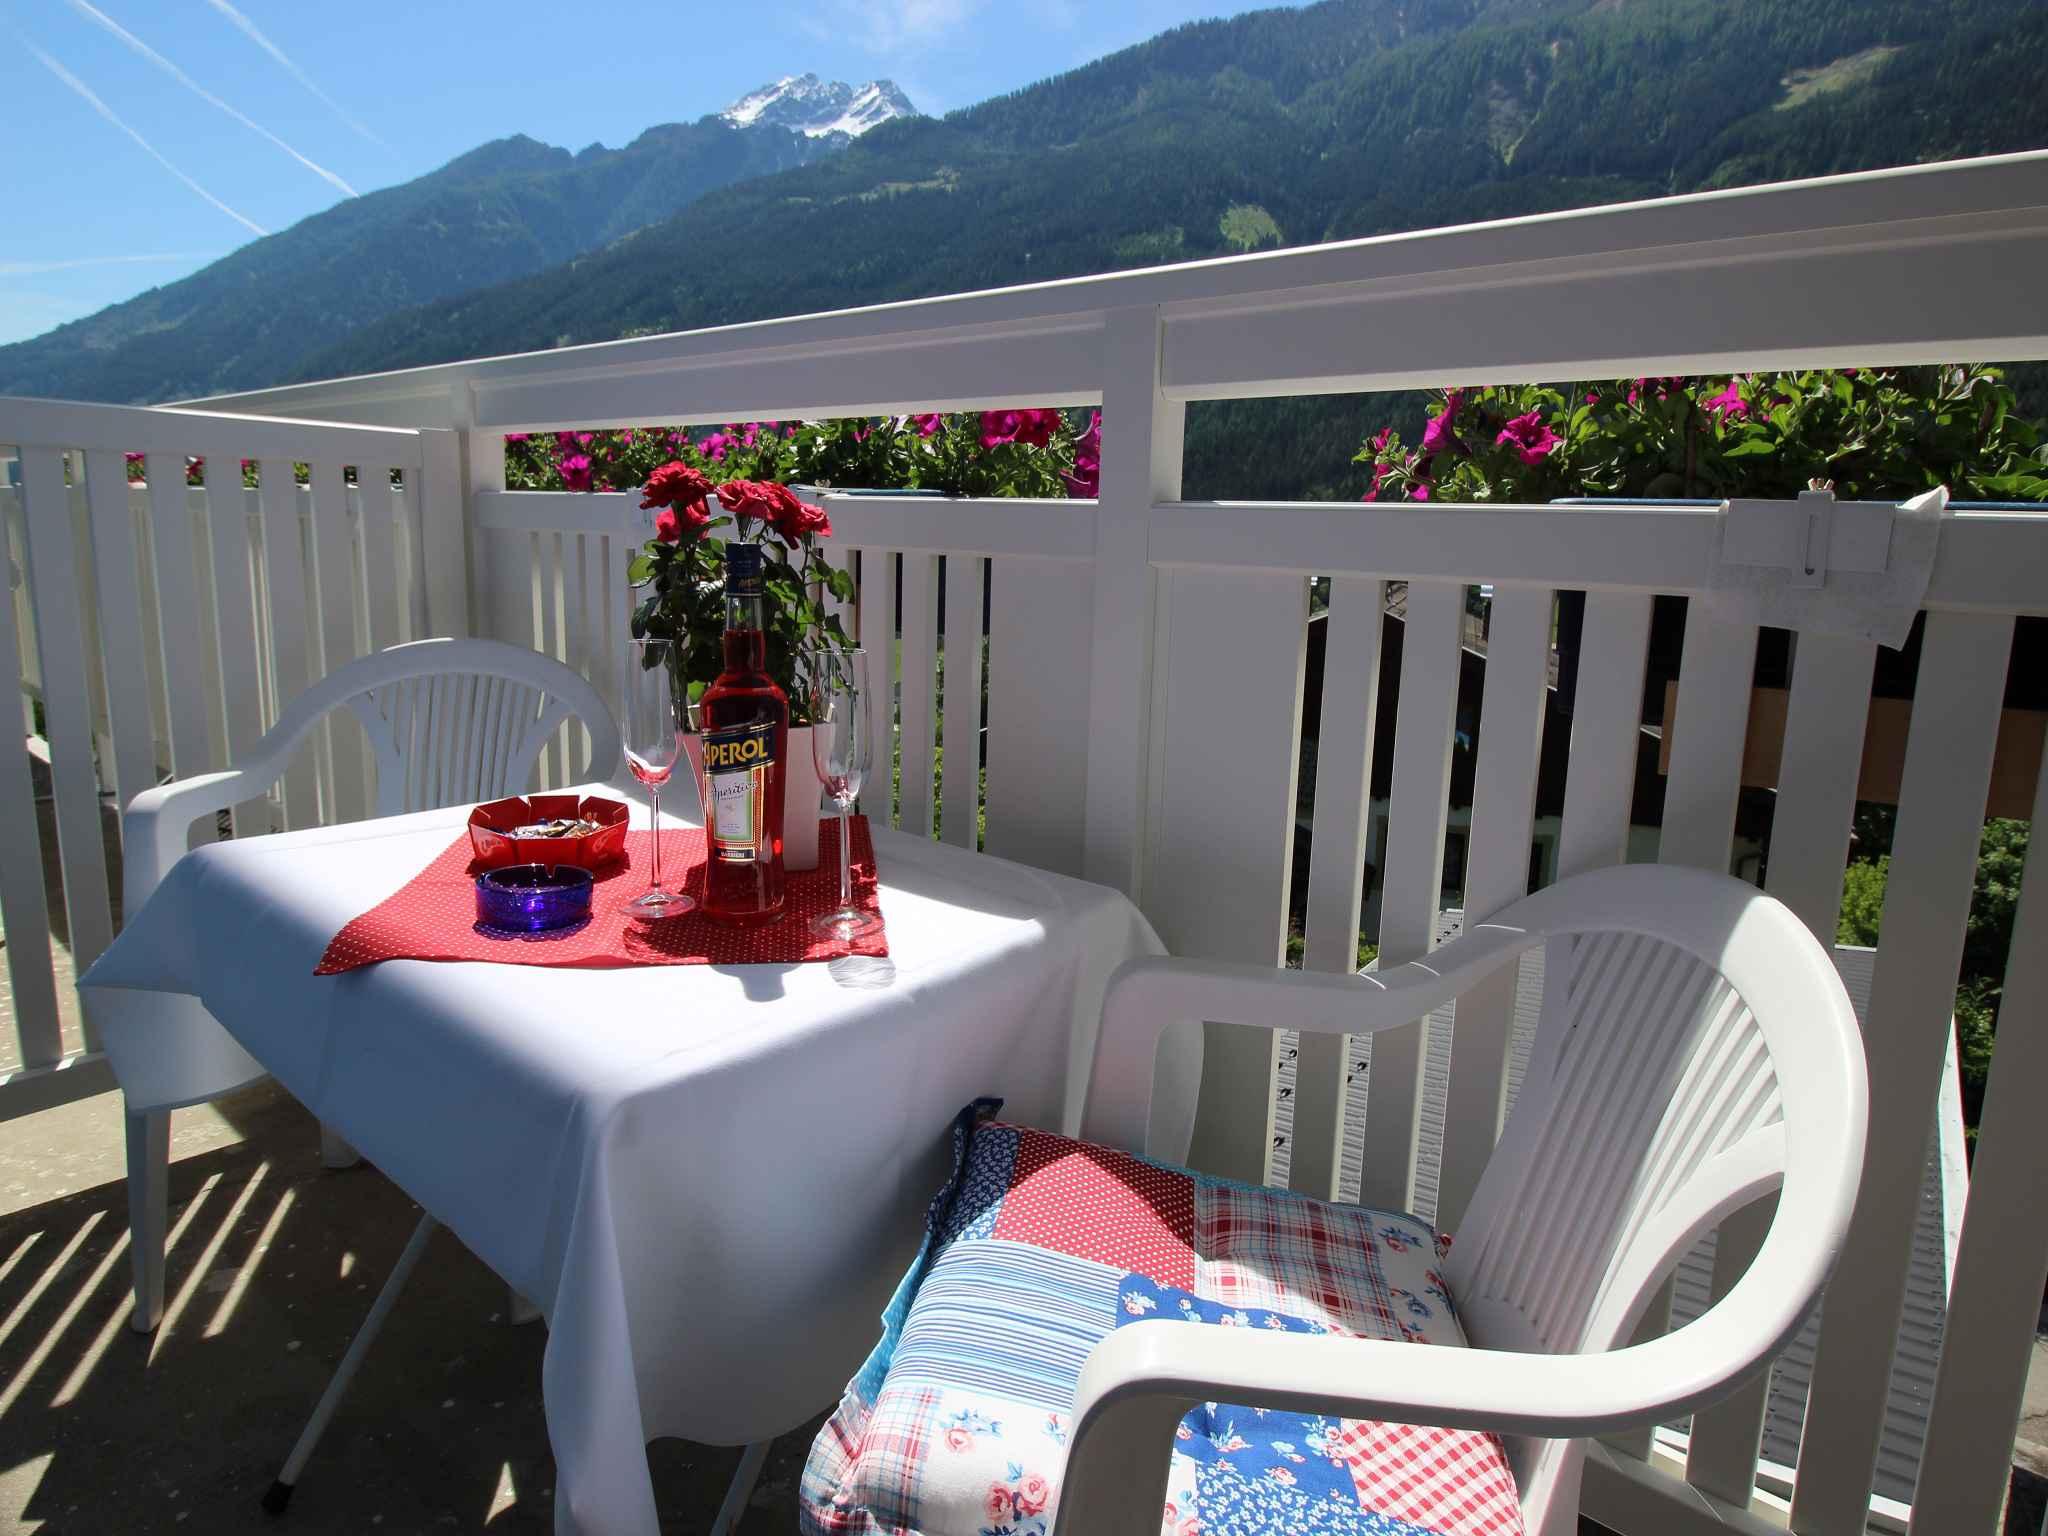 Ferienwohnung in ruhiger sonniger Lage (281292), Flattach, , Kärnten, Österreich, Bild 5